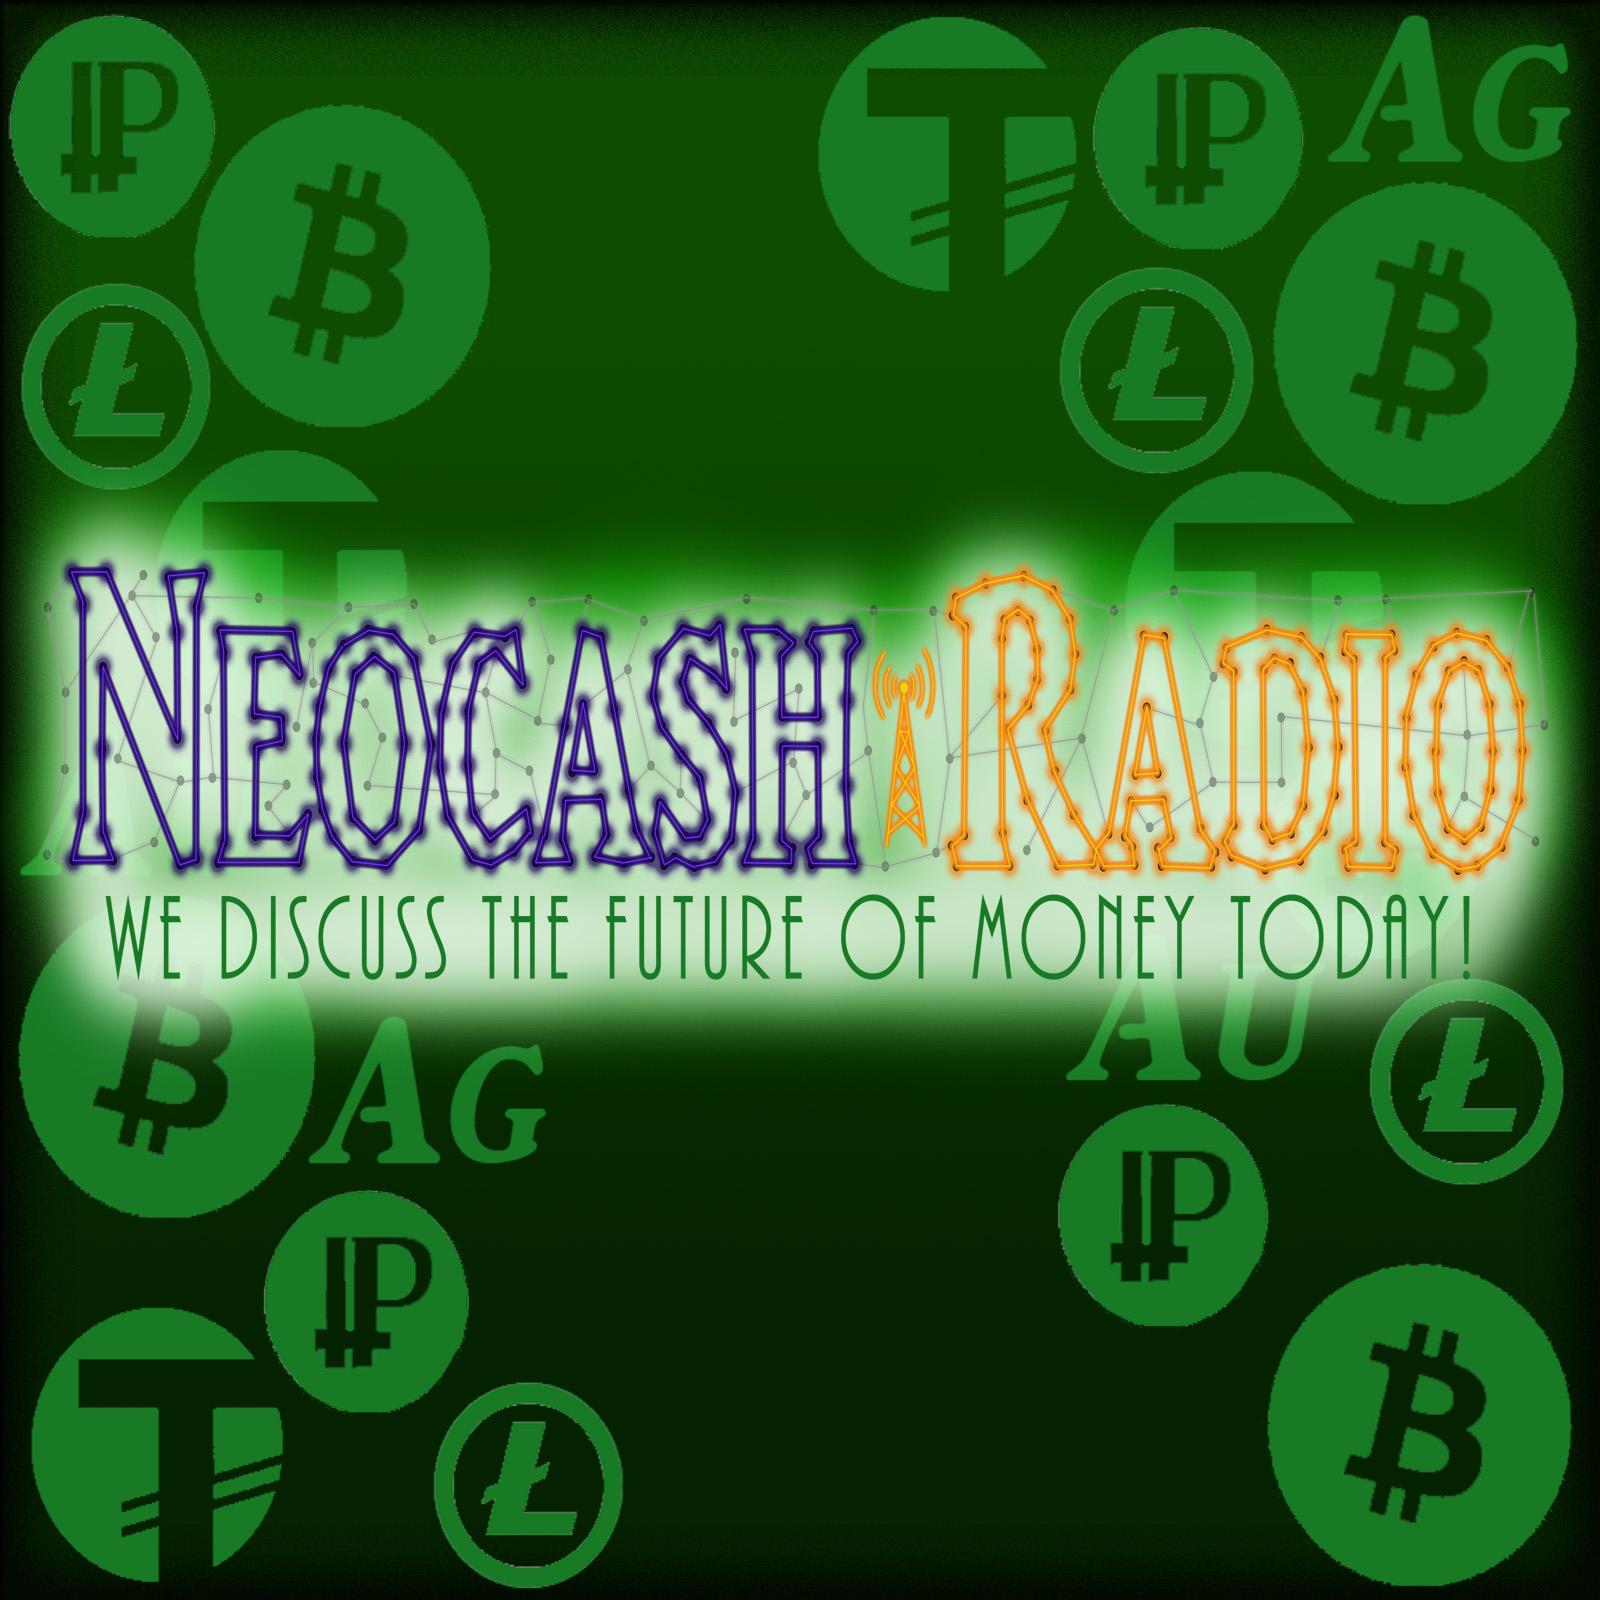 Neocash Radio - Episode 134